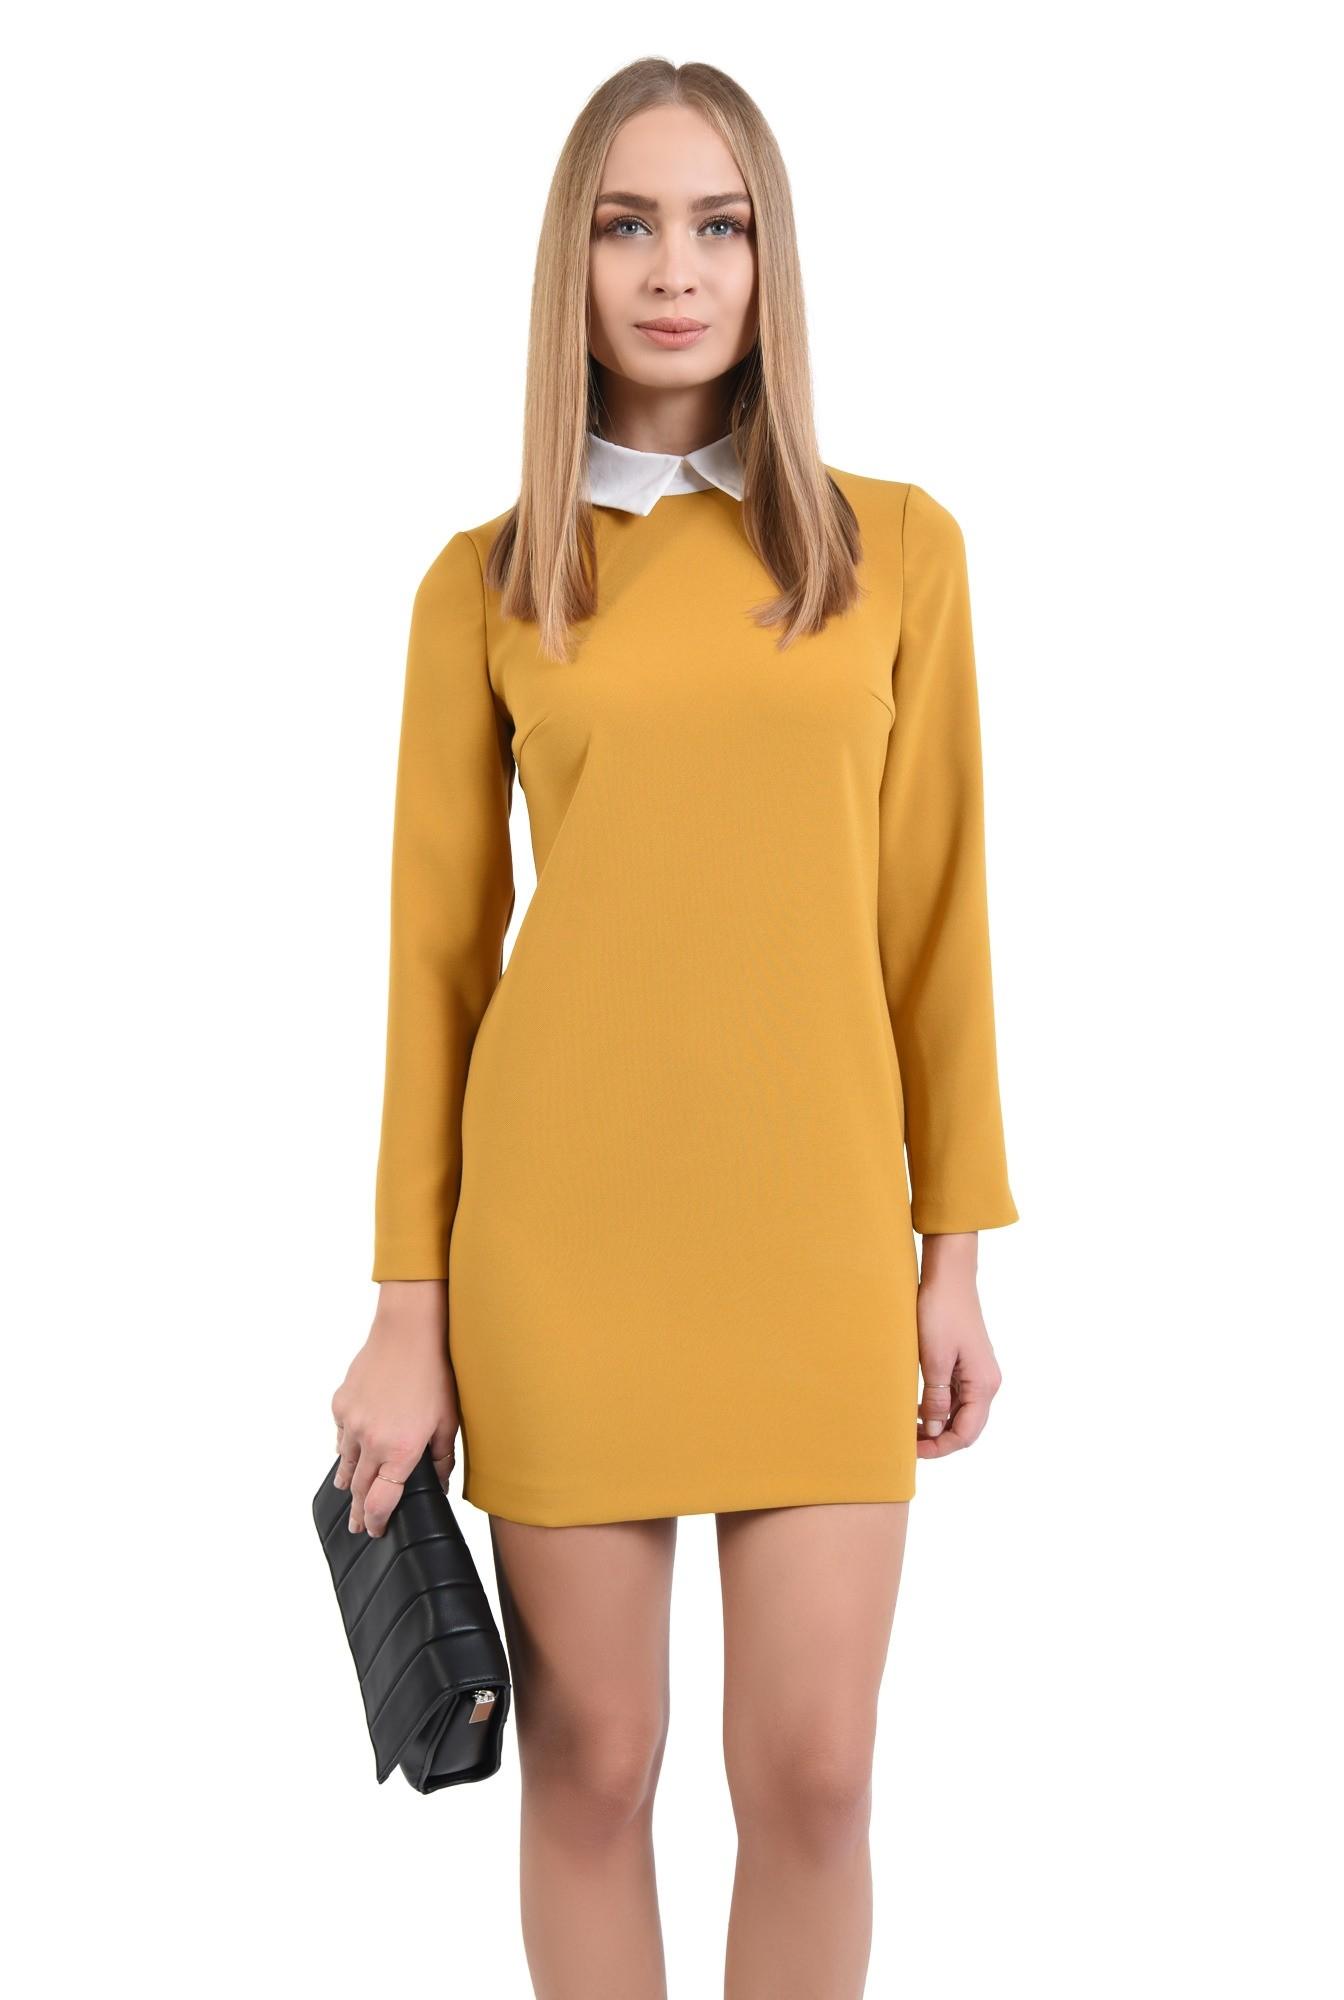 rochie casual, croi drept, guler alb, rochii online